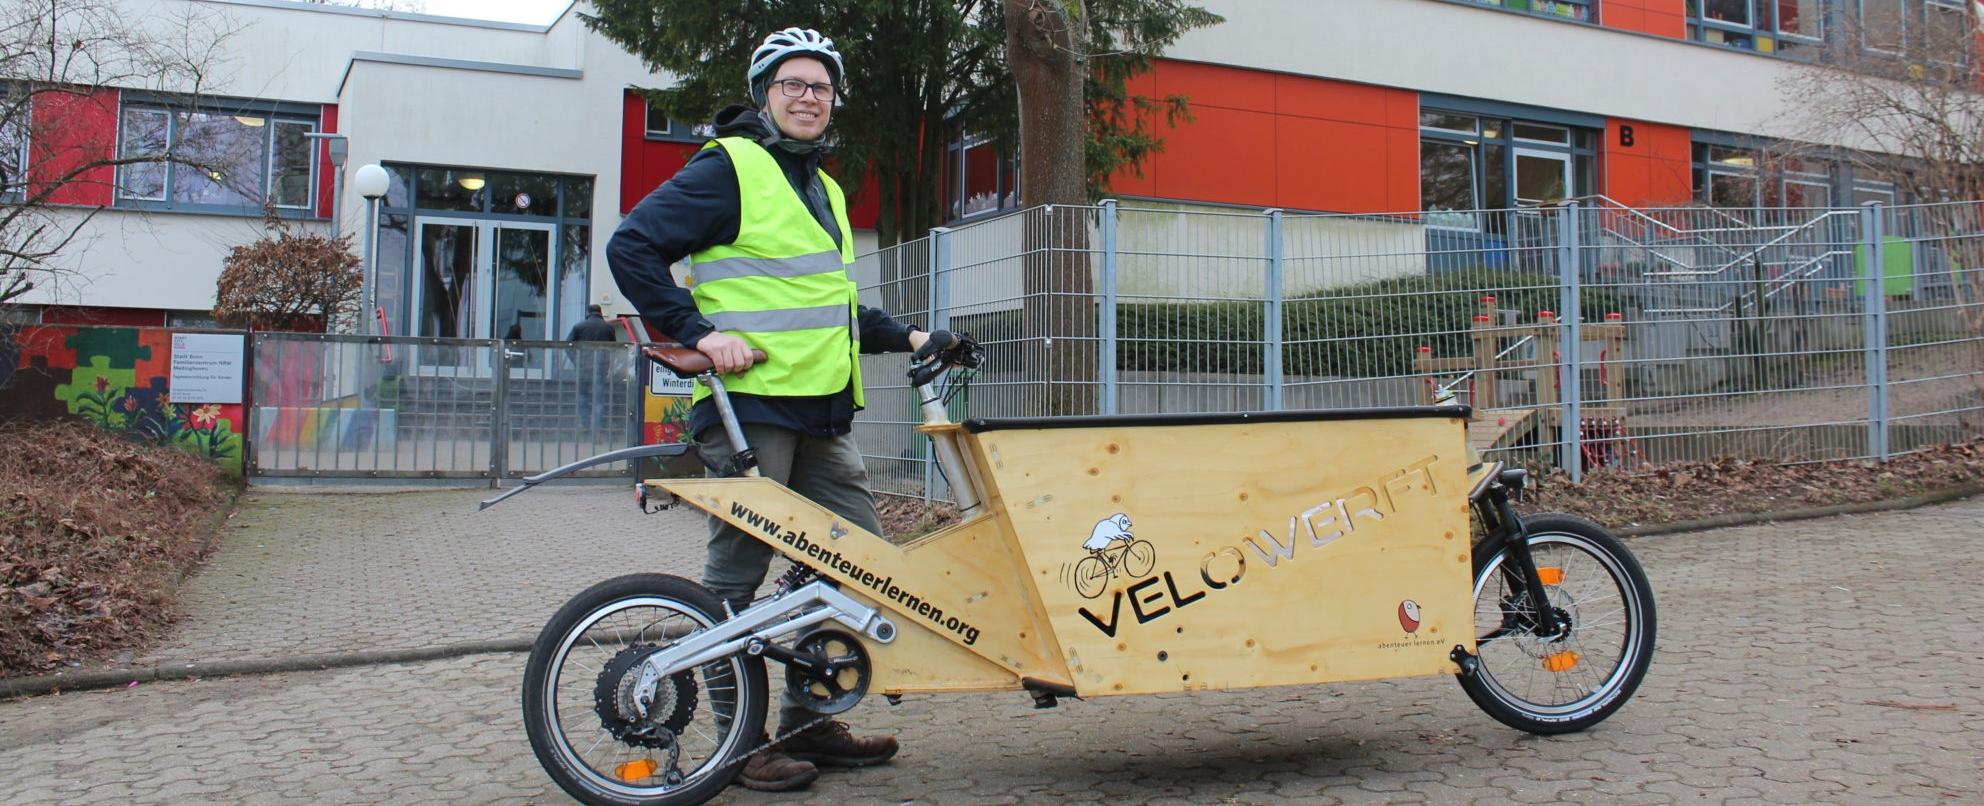 Paul Hennig mit Lastenrad